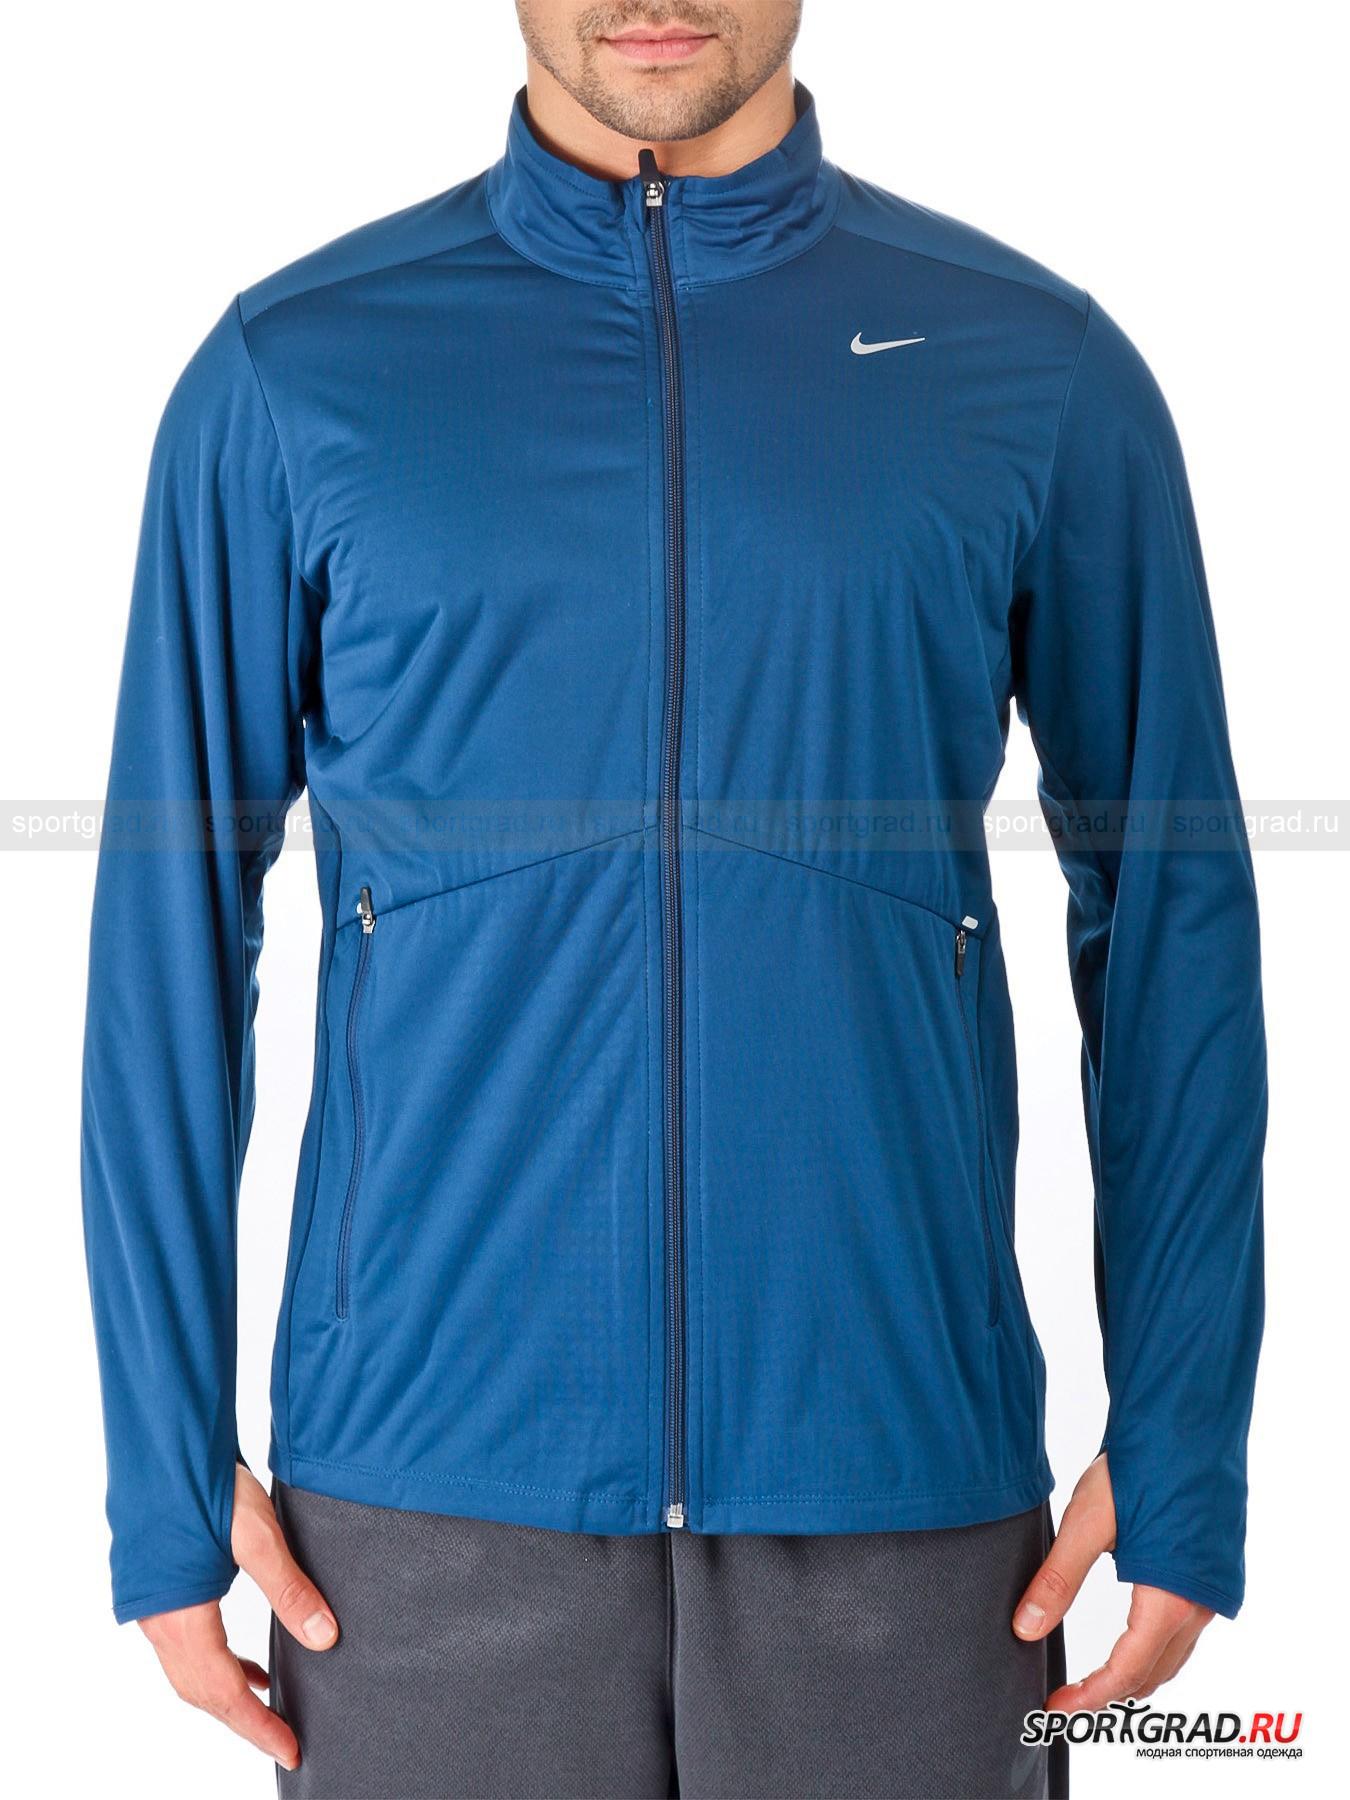 Олимпийка мужская Nike element shield fz  NIKE для занятий спортом